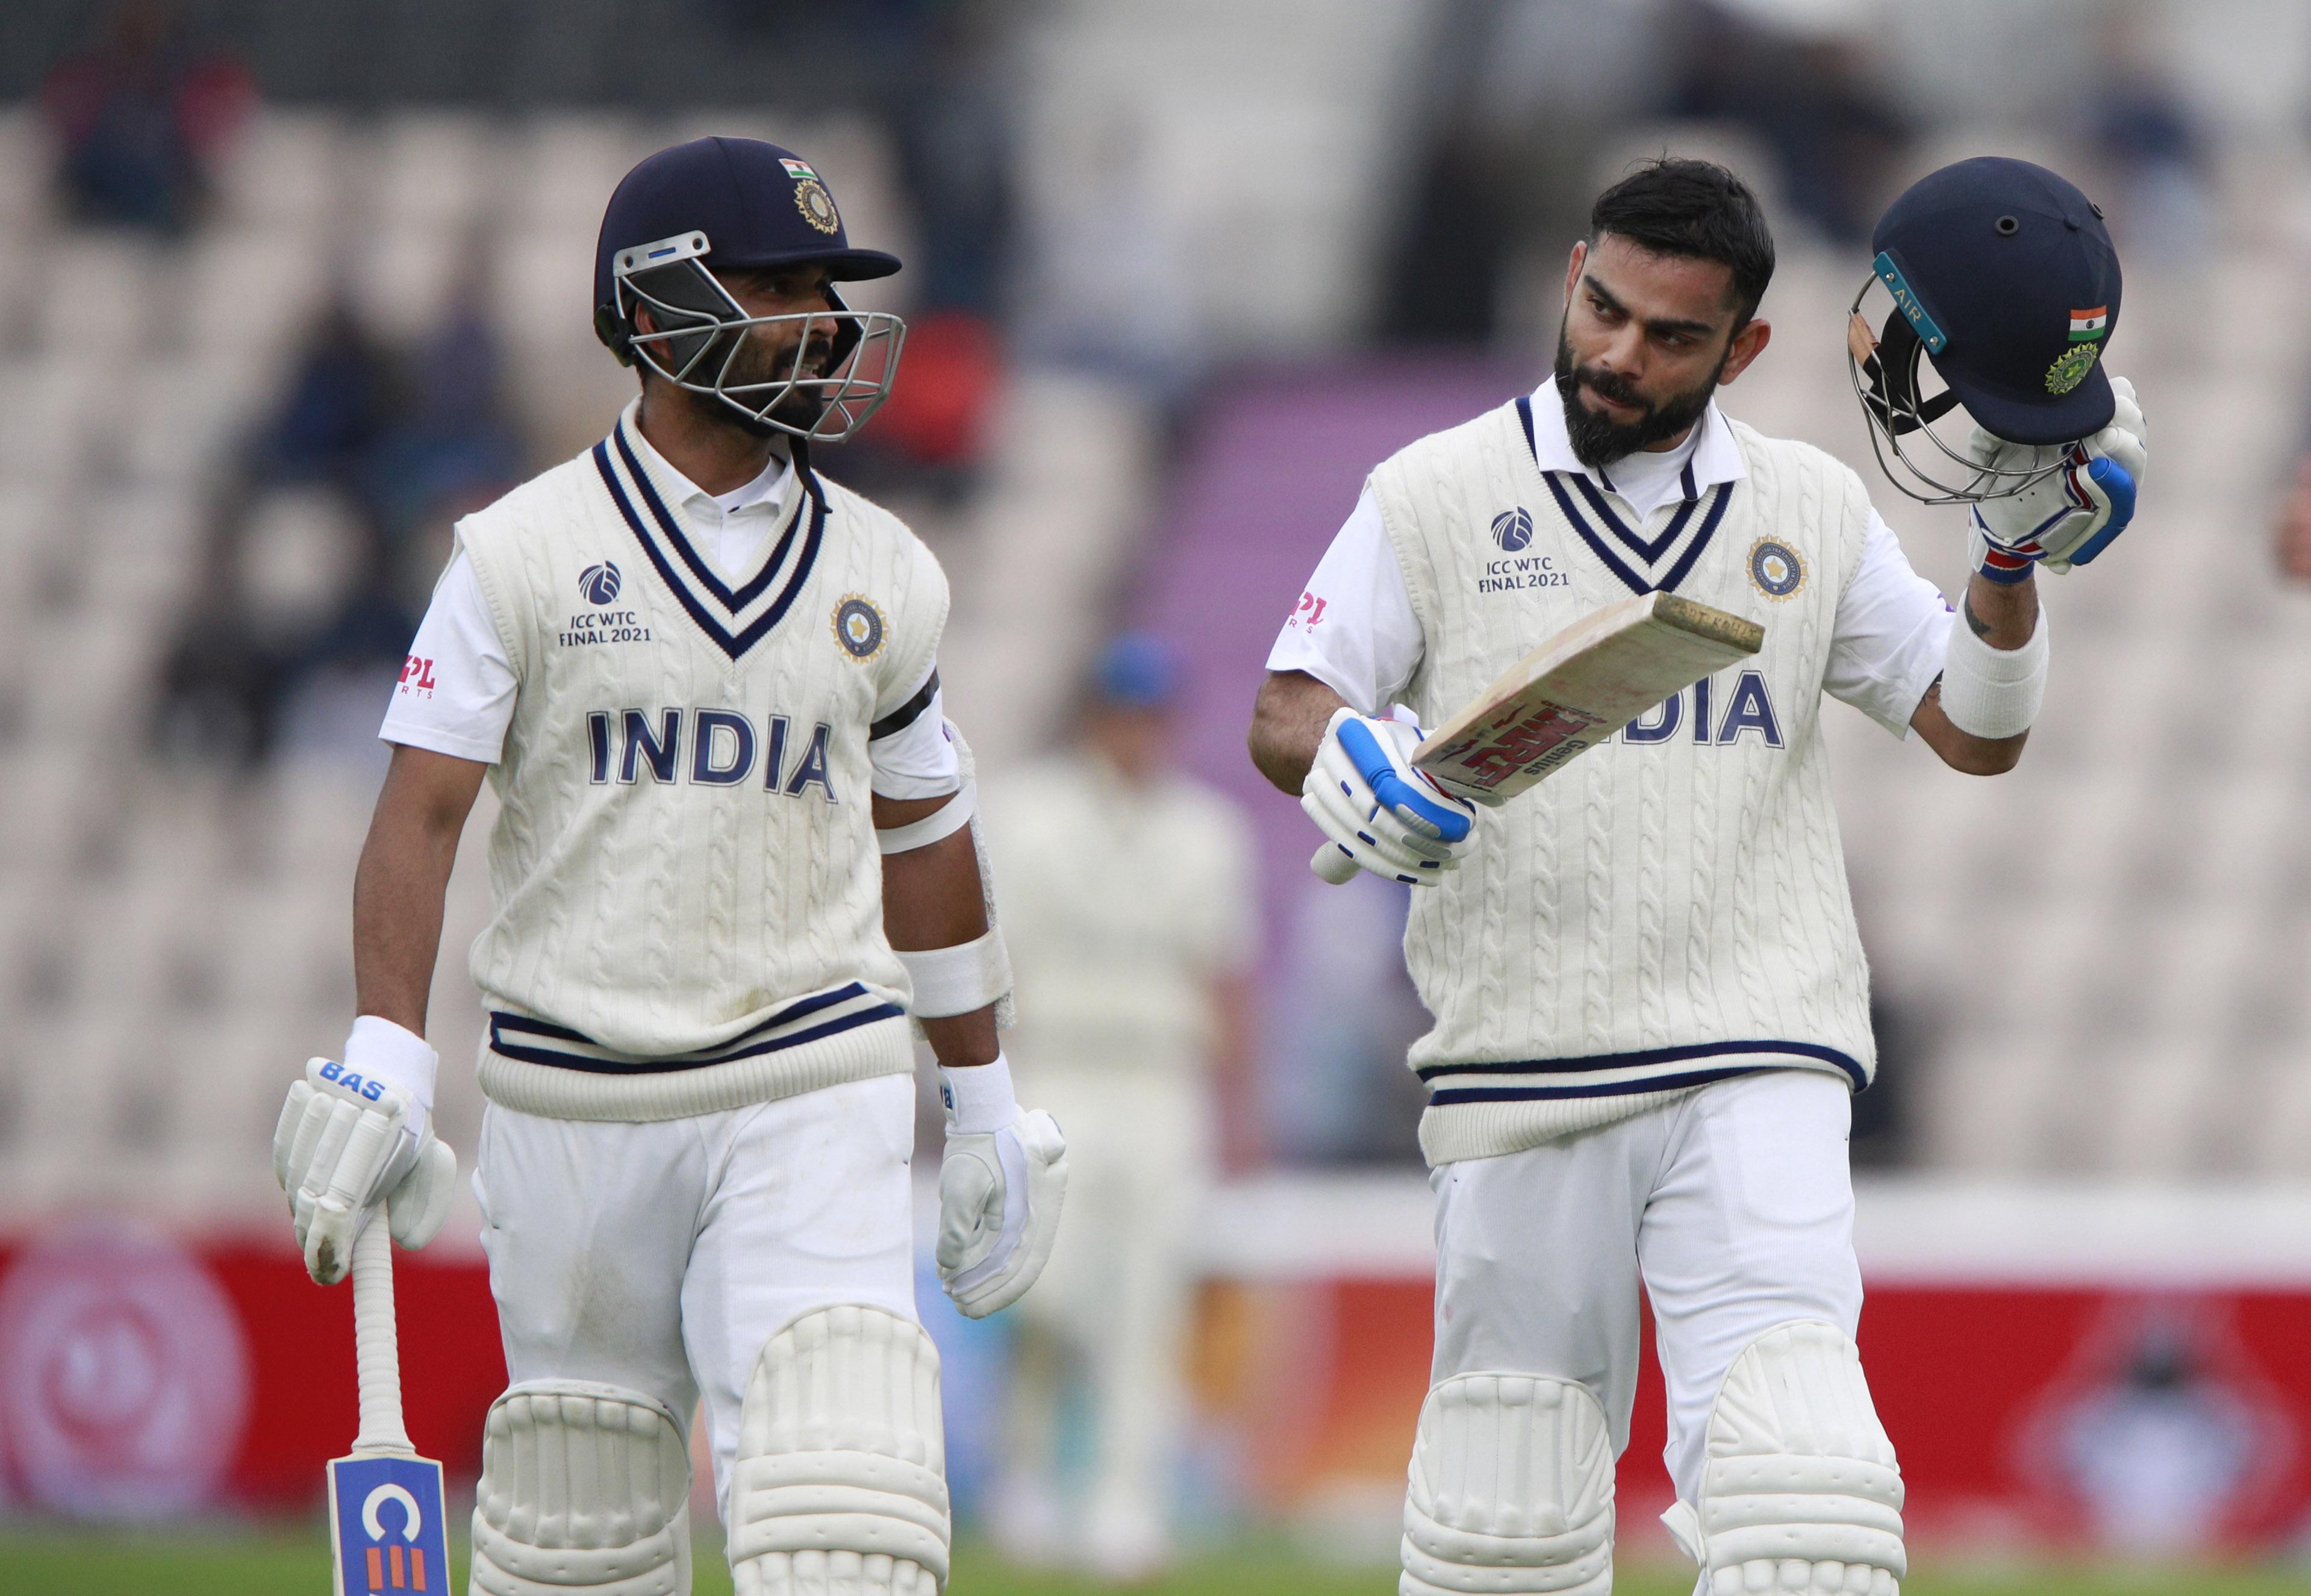 रविवार को भारत ने 146/3 से आगे खेलना शुरू किया। भारत के लिए रहाणे और कोहली मैदान पर उतरे। इन दोनों से काफी उम्मीद थी।